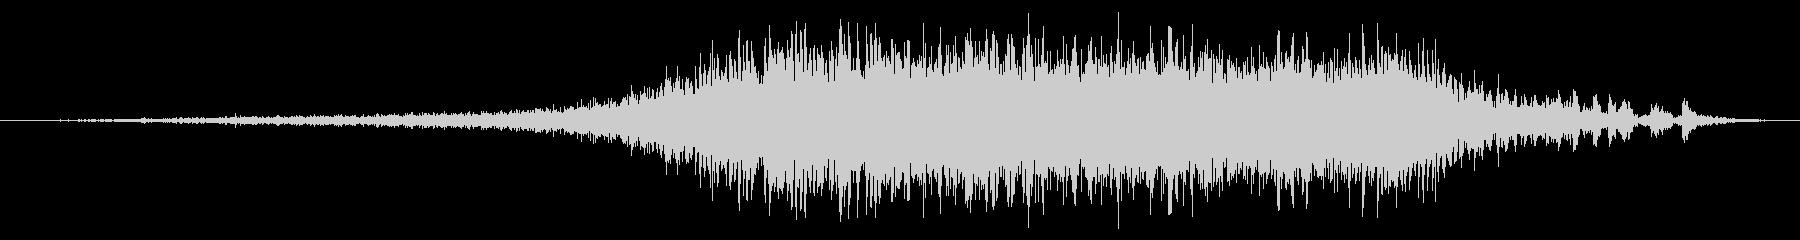 1917ダッジ:Ext:アプローチ...の未再生の波形